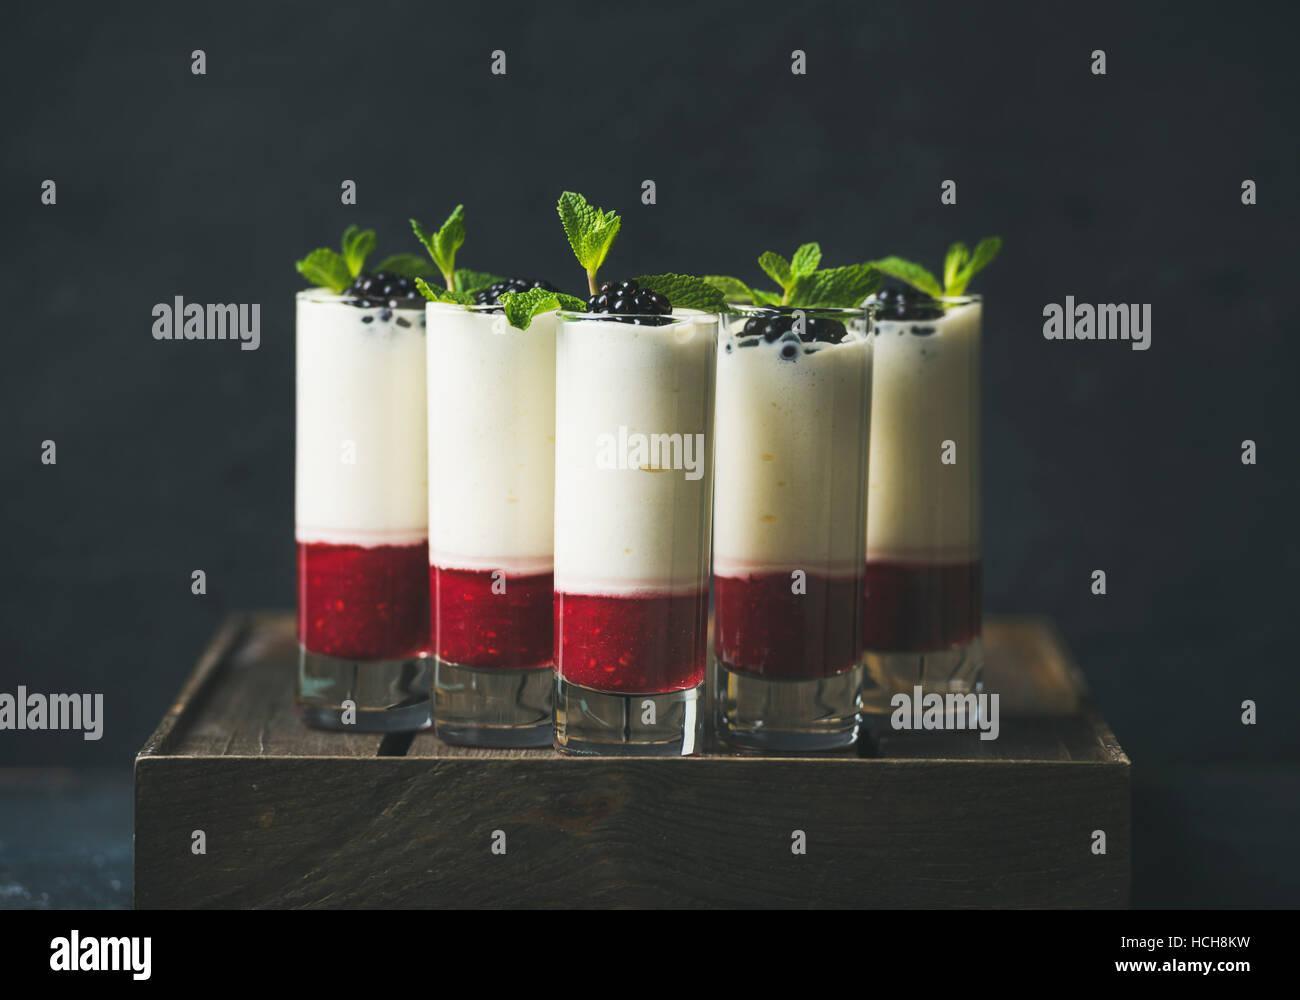 Restauration, banquet ou partie food concept. Dessert dans le verre avec des mûres et de feuilles de menthe Photo Stock